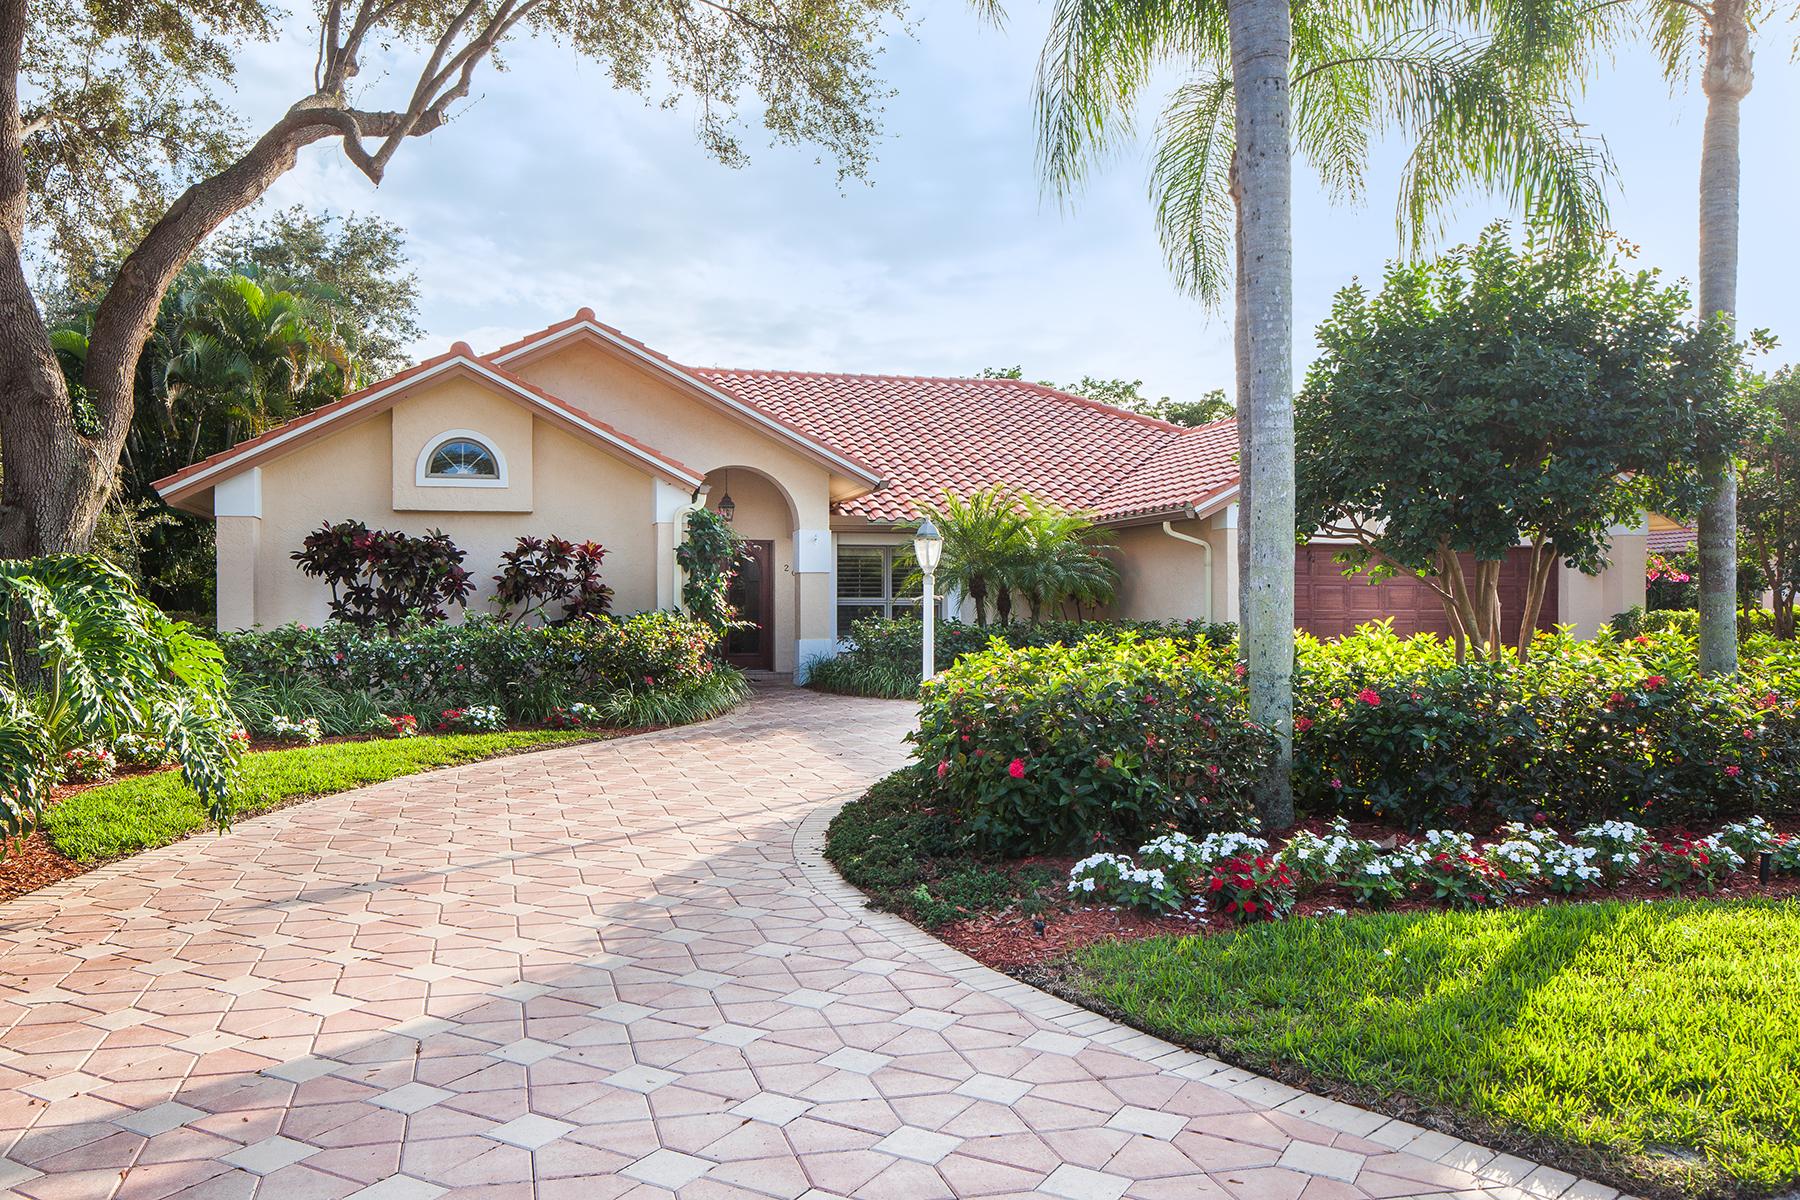 단독 가정 주택 용 매매 에 MONTEREY 2060 Laguna Way Naples, 플로리다 34109 미국